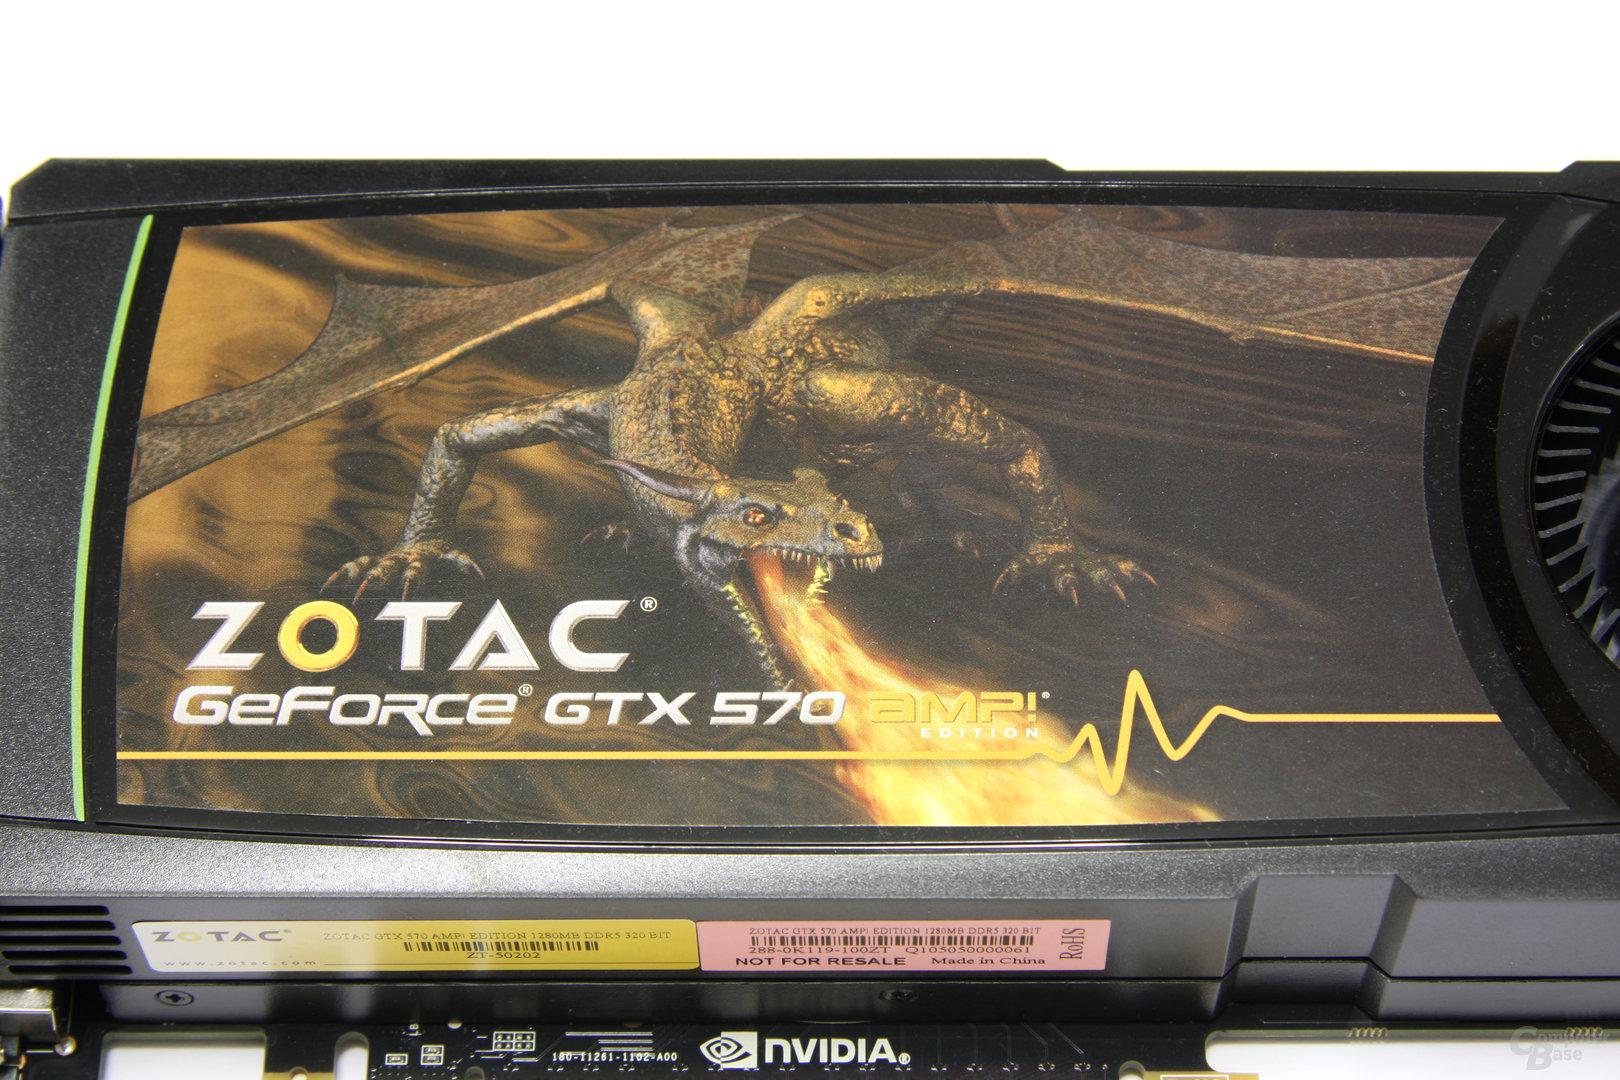 GeForce GTX 570 AMP! Logo